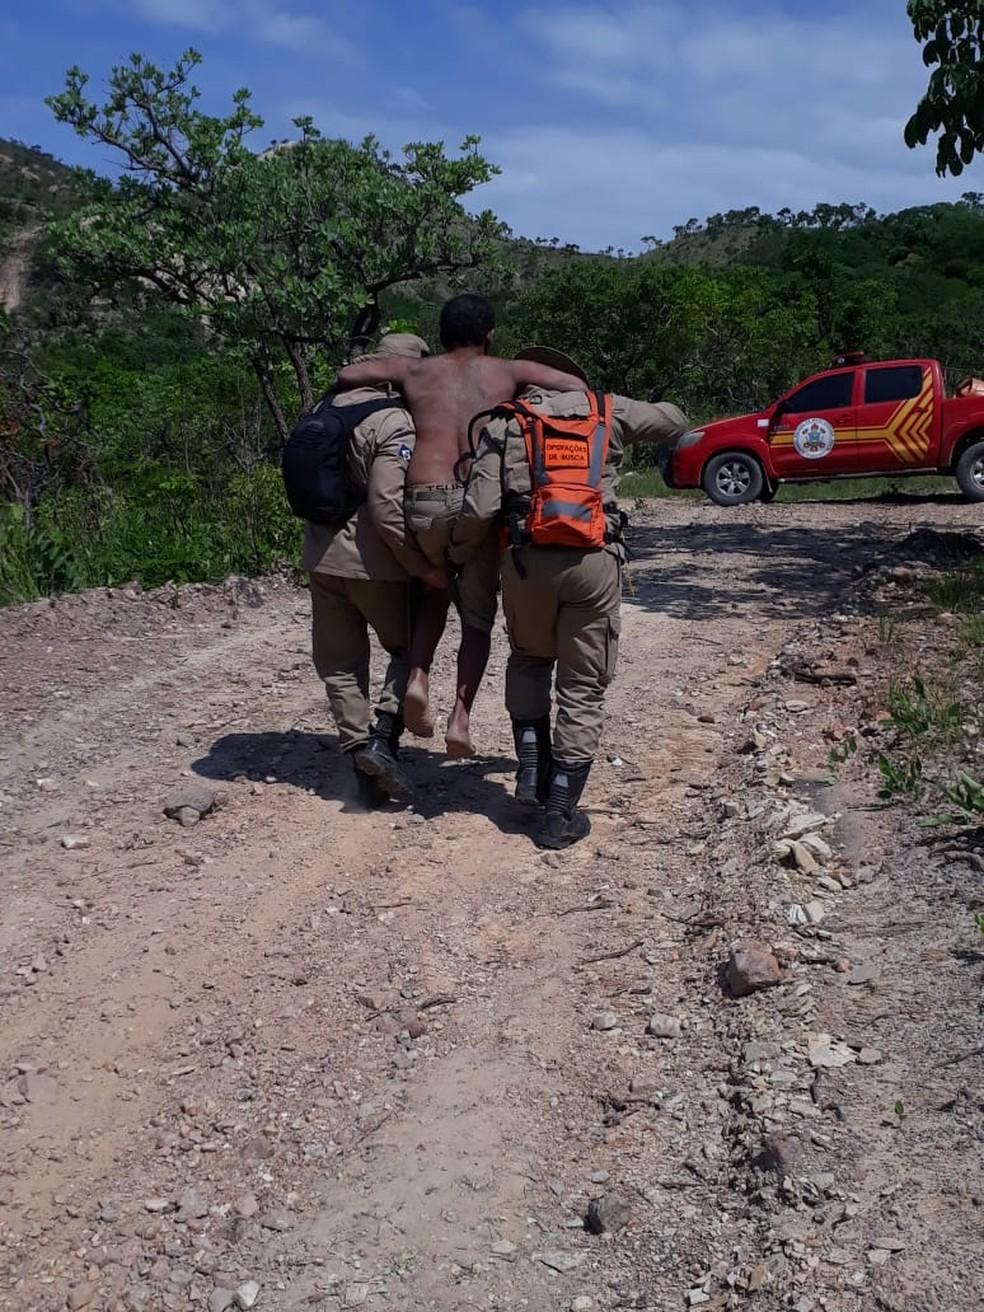 Homem foi resgatado nesta segunda-feira (11) depois de ficar perdido por seis dias em uma região de mata no Coxipó do Ouro, em Cuiabá — Foto: Corpo de Bombeiros de Mato Grosso/Divulgação